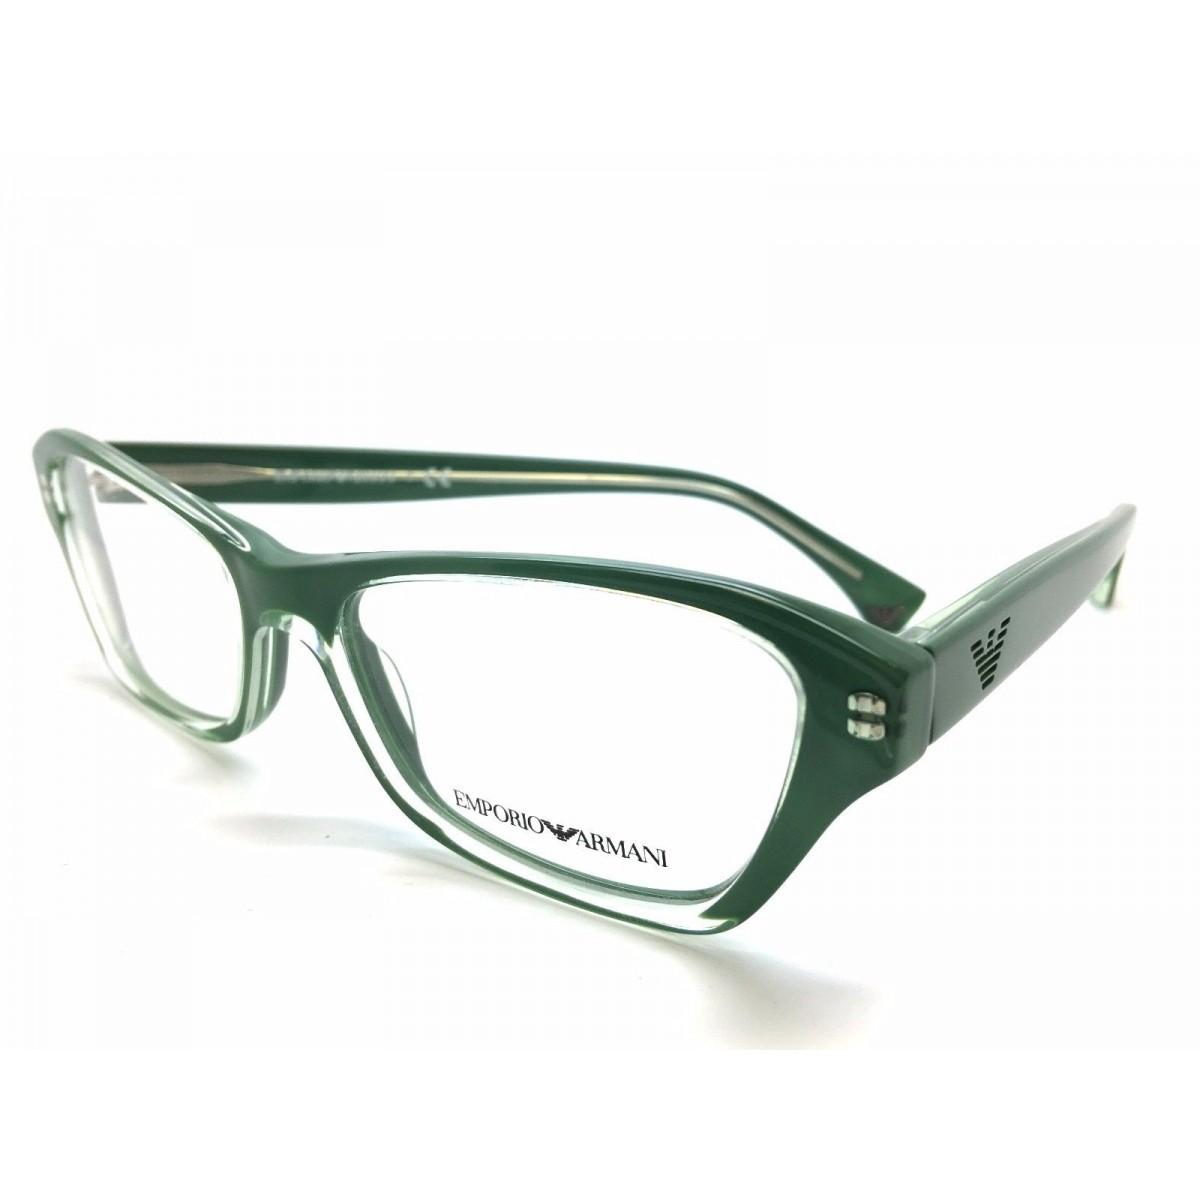 Emporio Armani EA3032  5223 Verde  54 - 16 140